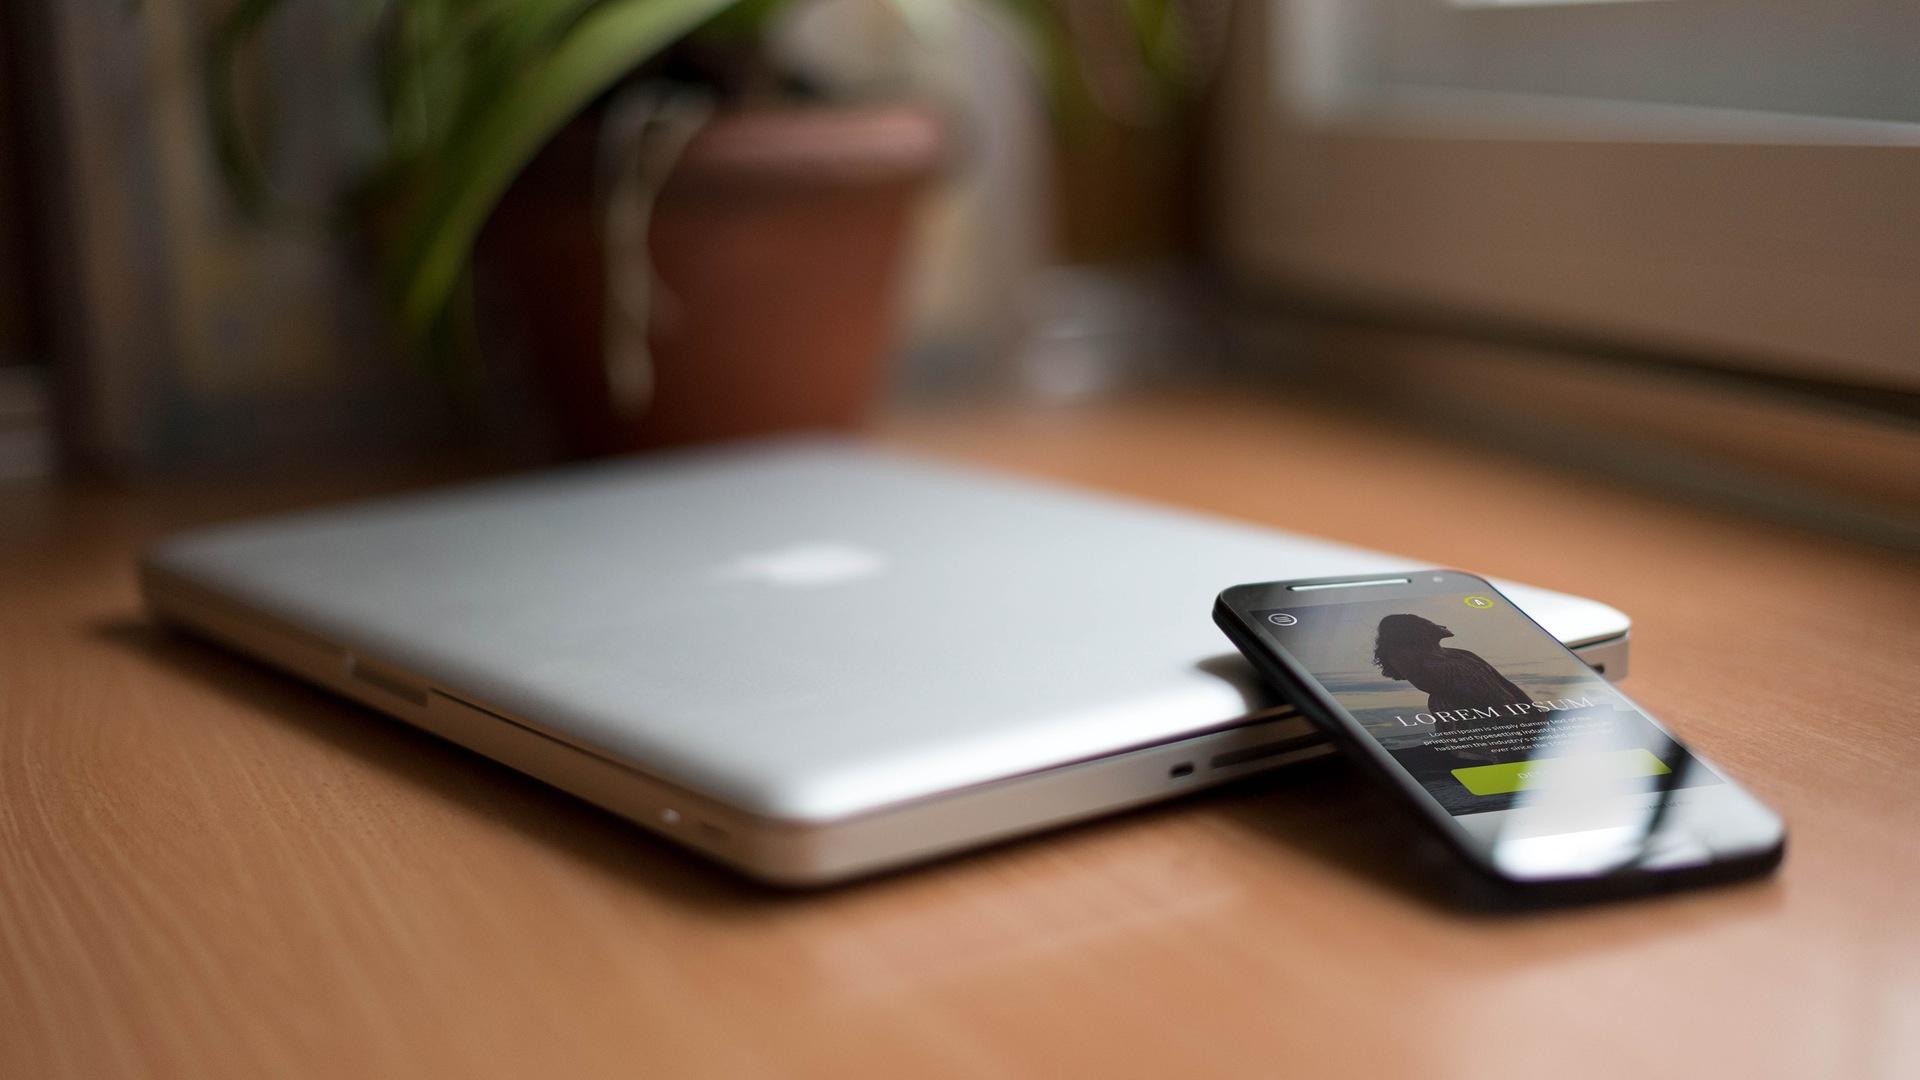 выбрать смартфон в рейтинге 10 лучших недорогих моделей